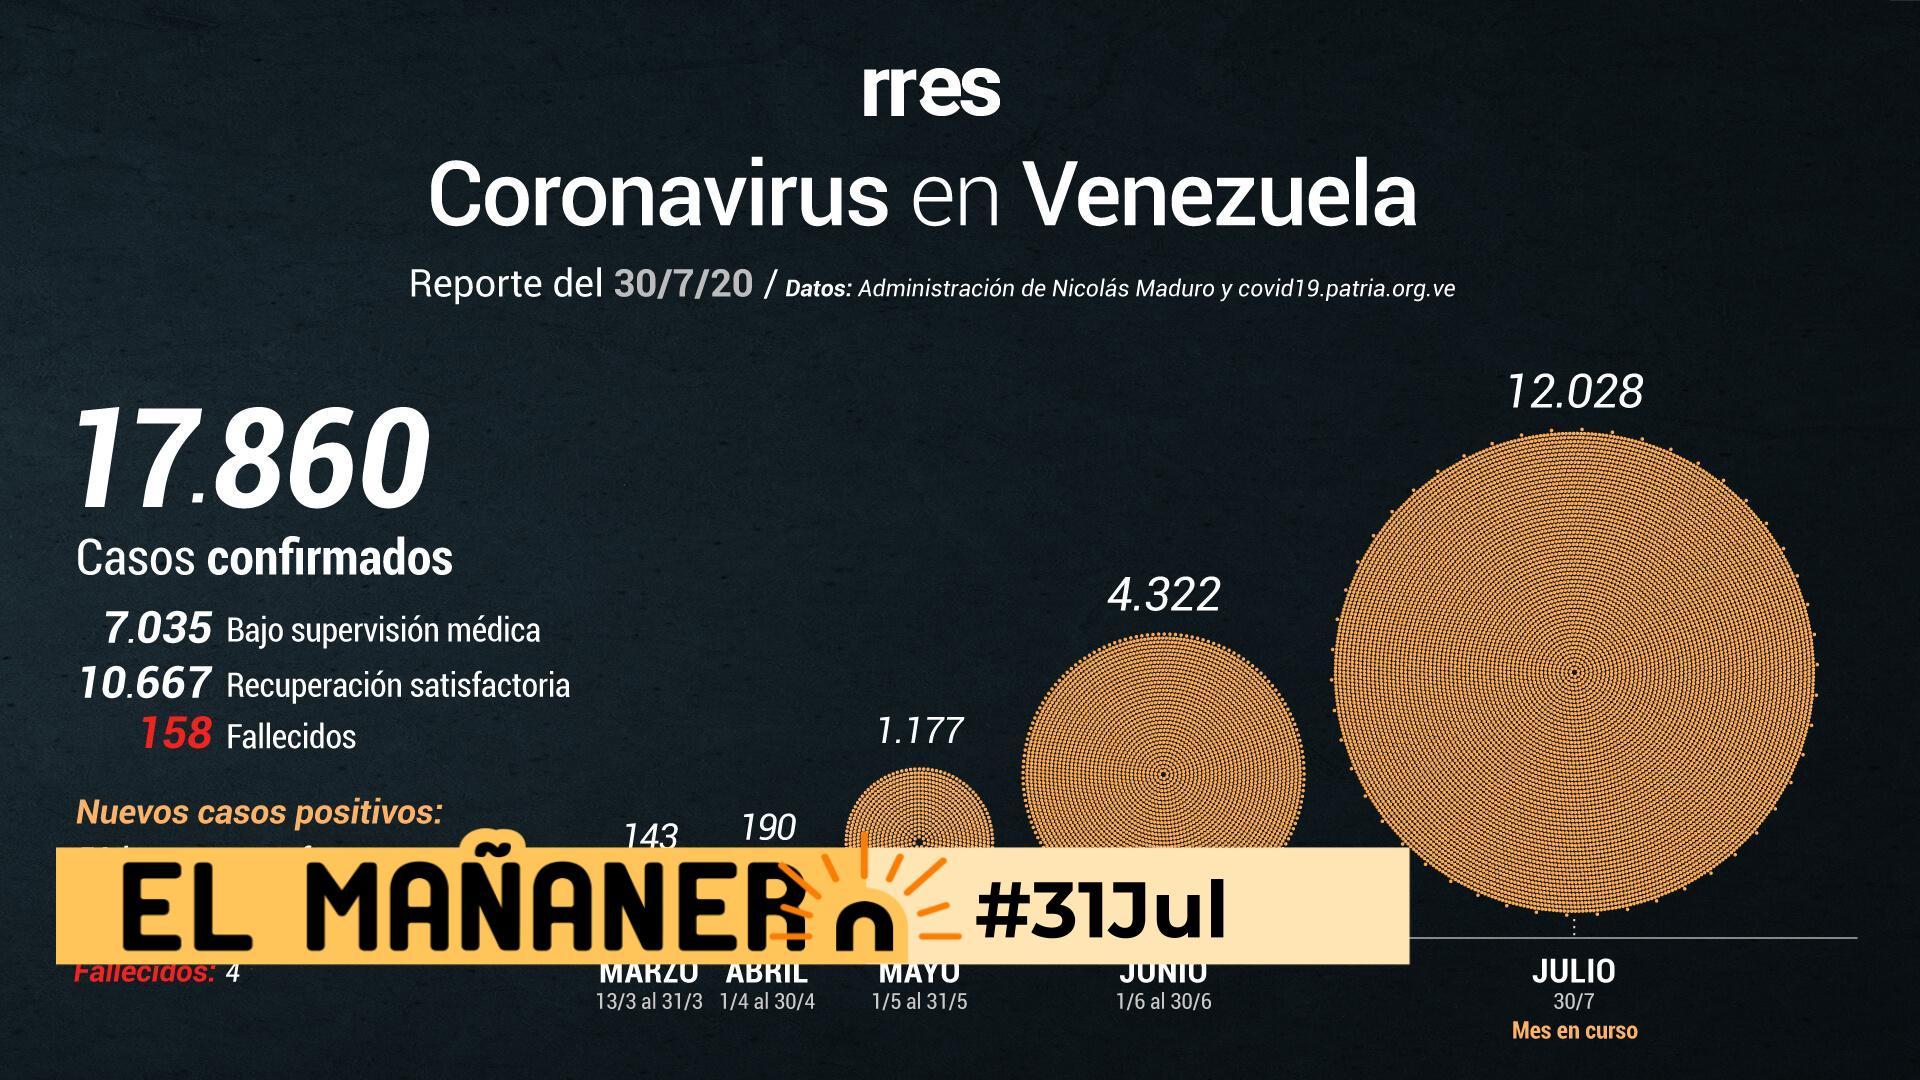 El Mañanero de hoy #31Jul: Las 8 noticias que debes saber